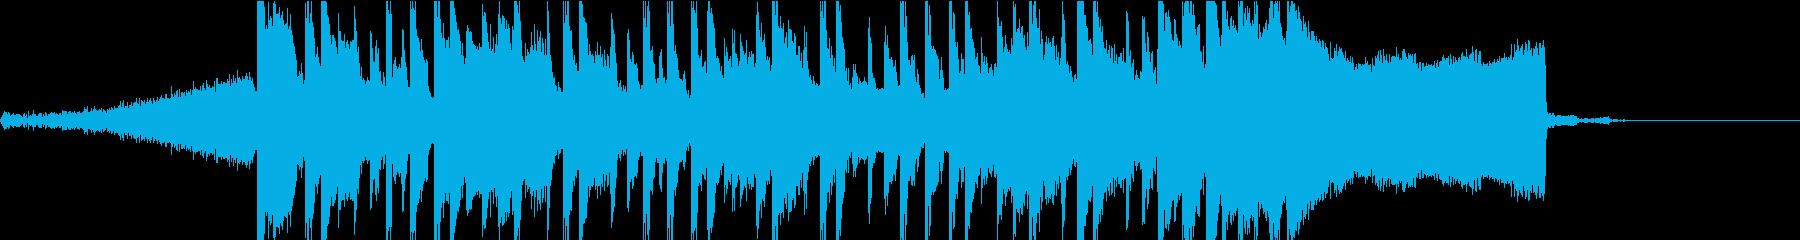 短いCM等に使えそうなEDMの再生済みの波形